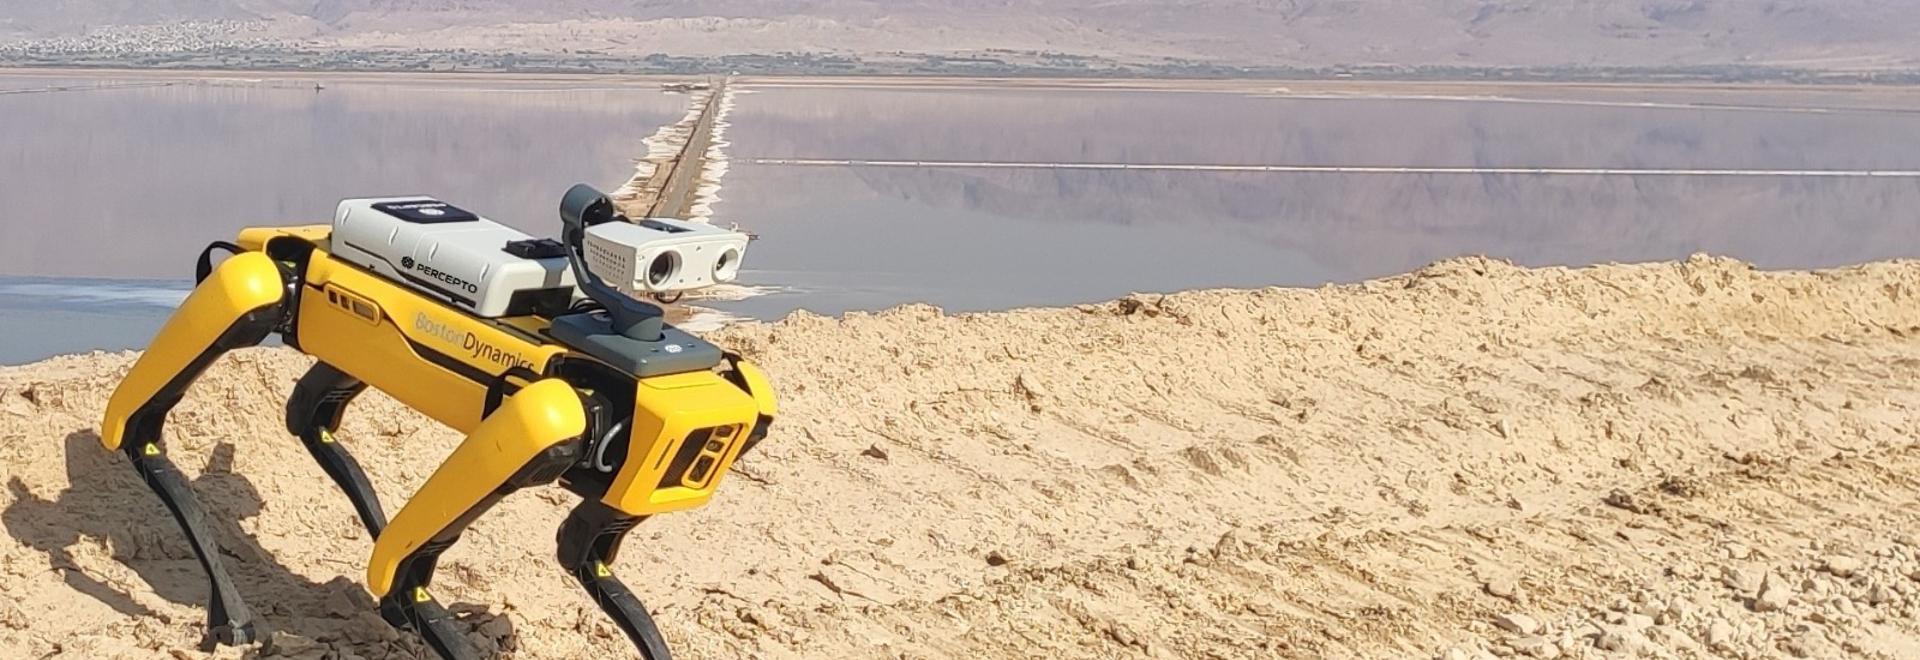 La combinaison du drone Sparrow de Percepto avec Spot crée une solution unique pour l'inspection à distance